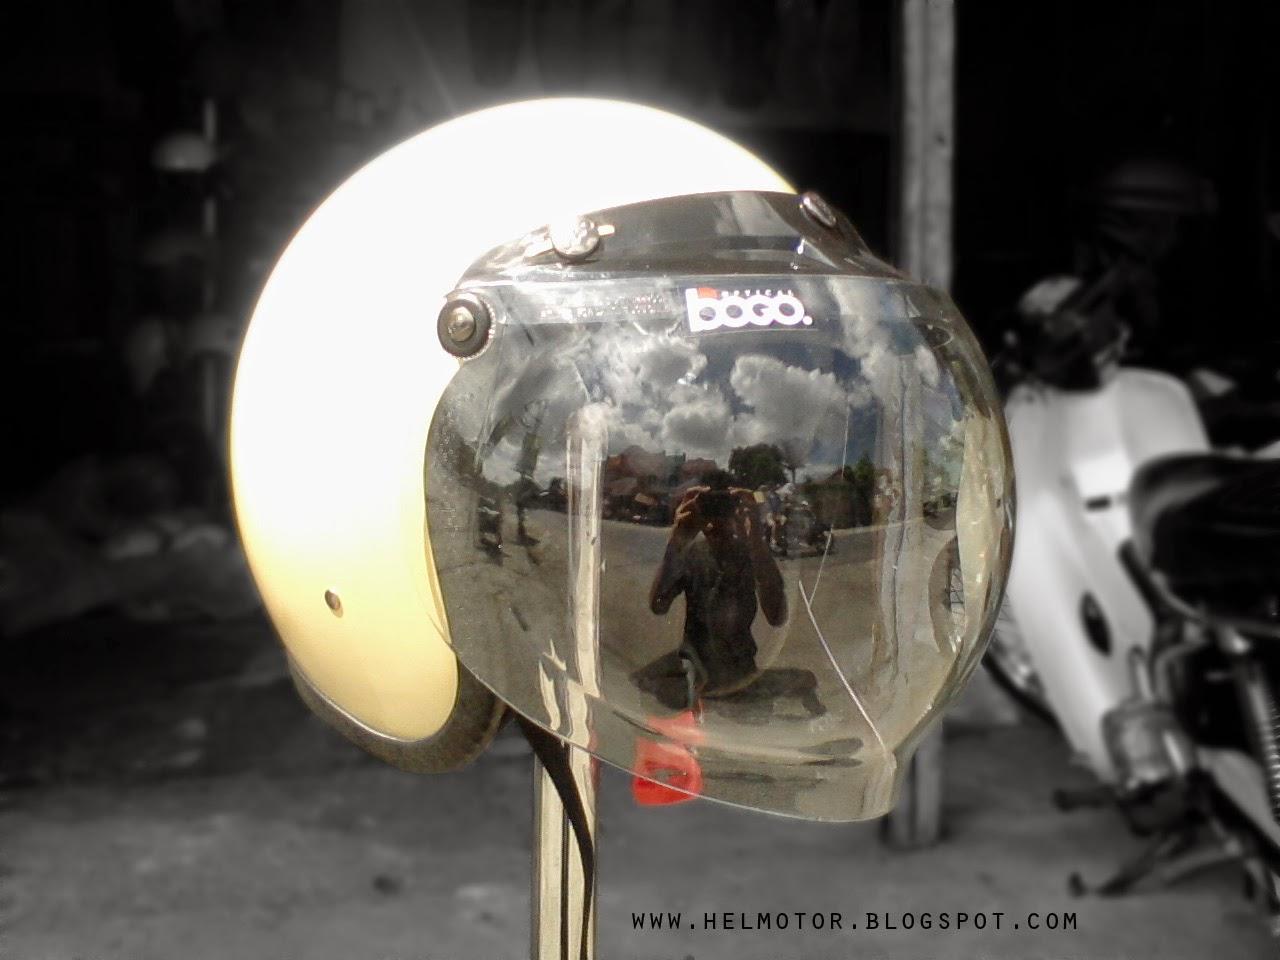 Helm Vespa Bogo Putih HH  Helm Vespa